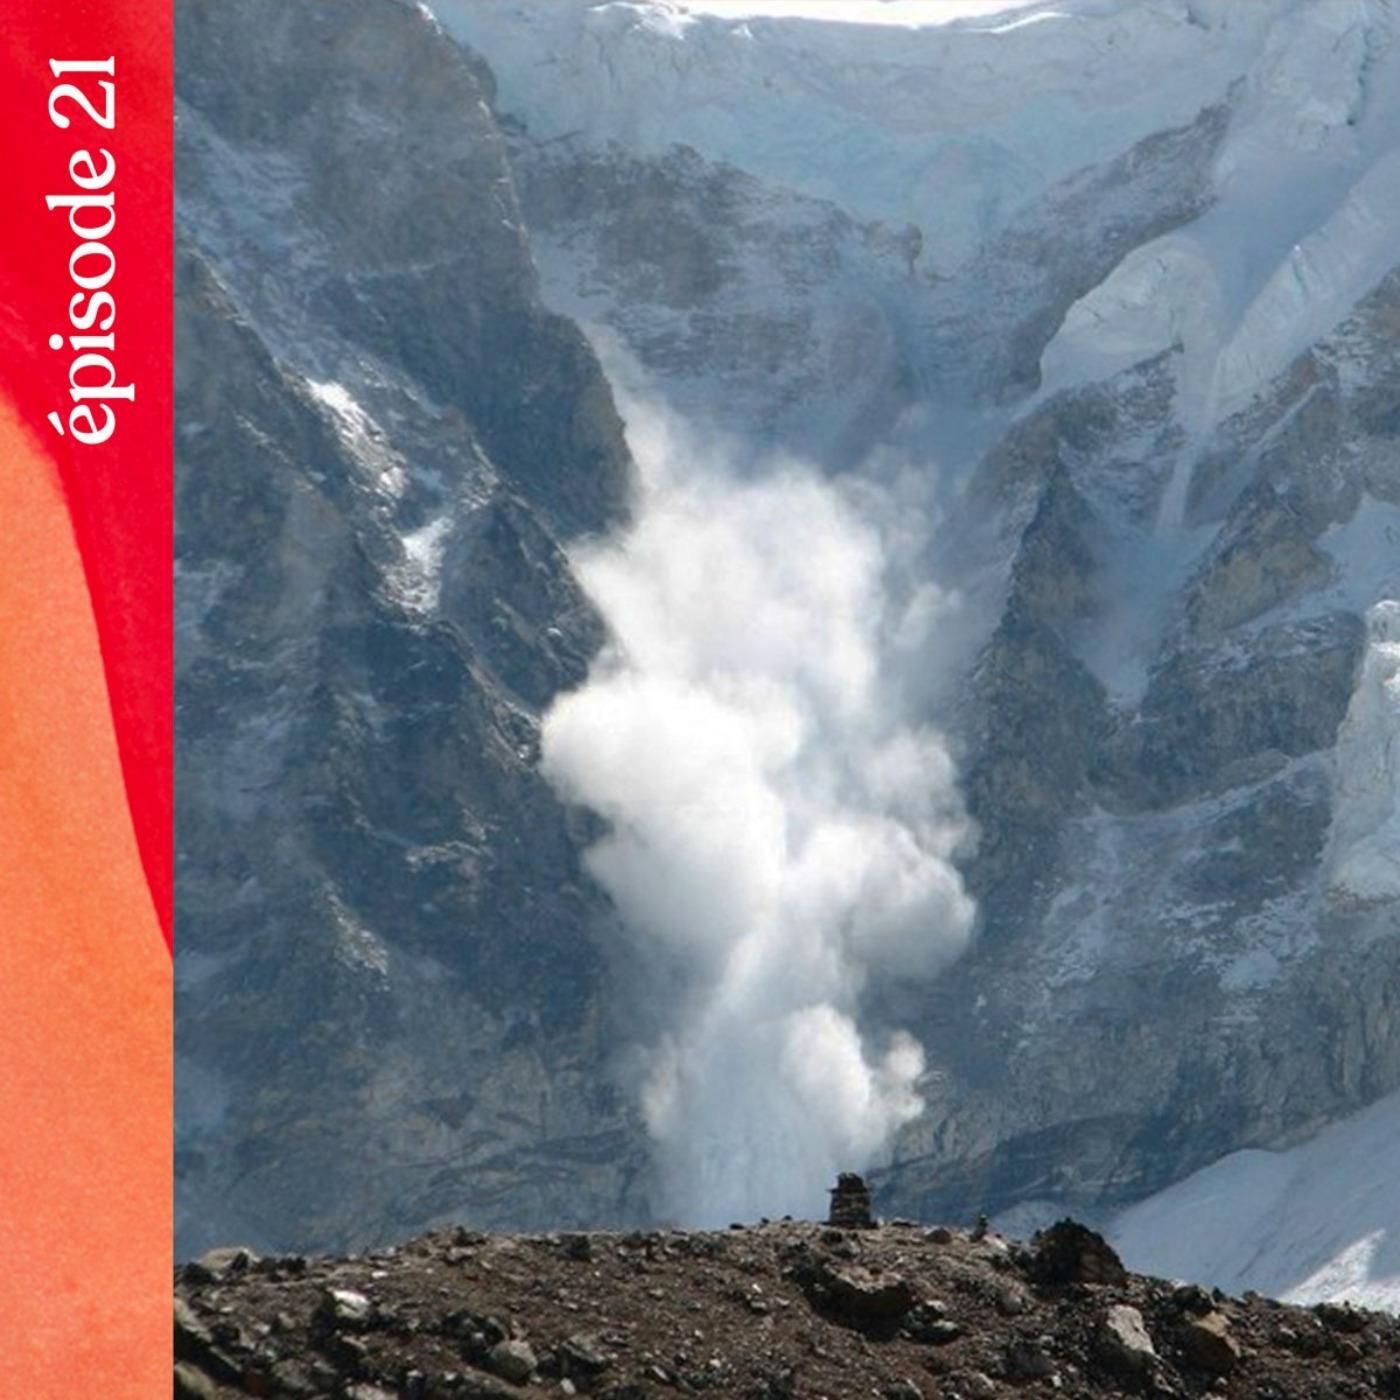 #21 — Dans les entrailles de l'avalanche, avec Laurence de la Ferrière